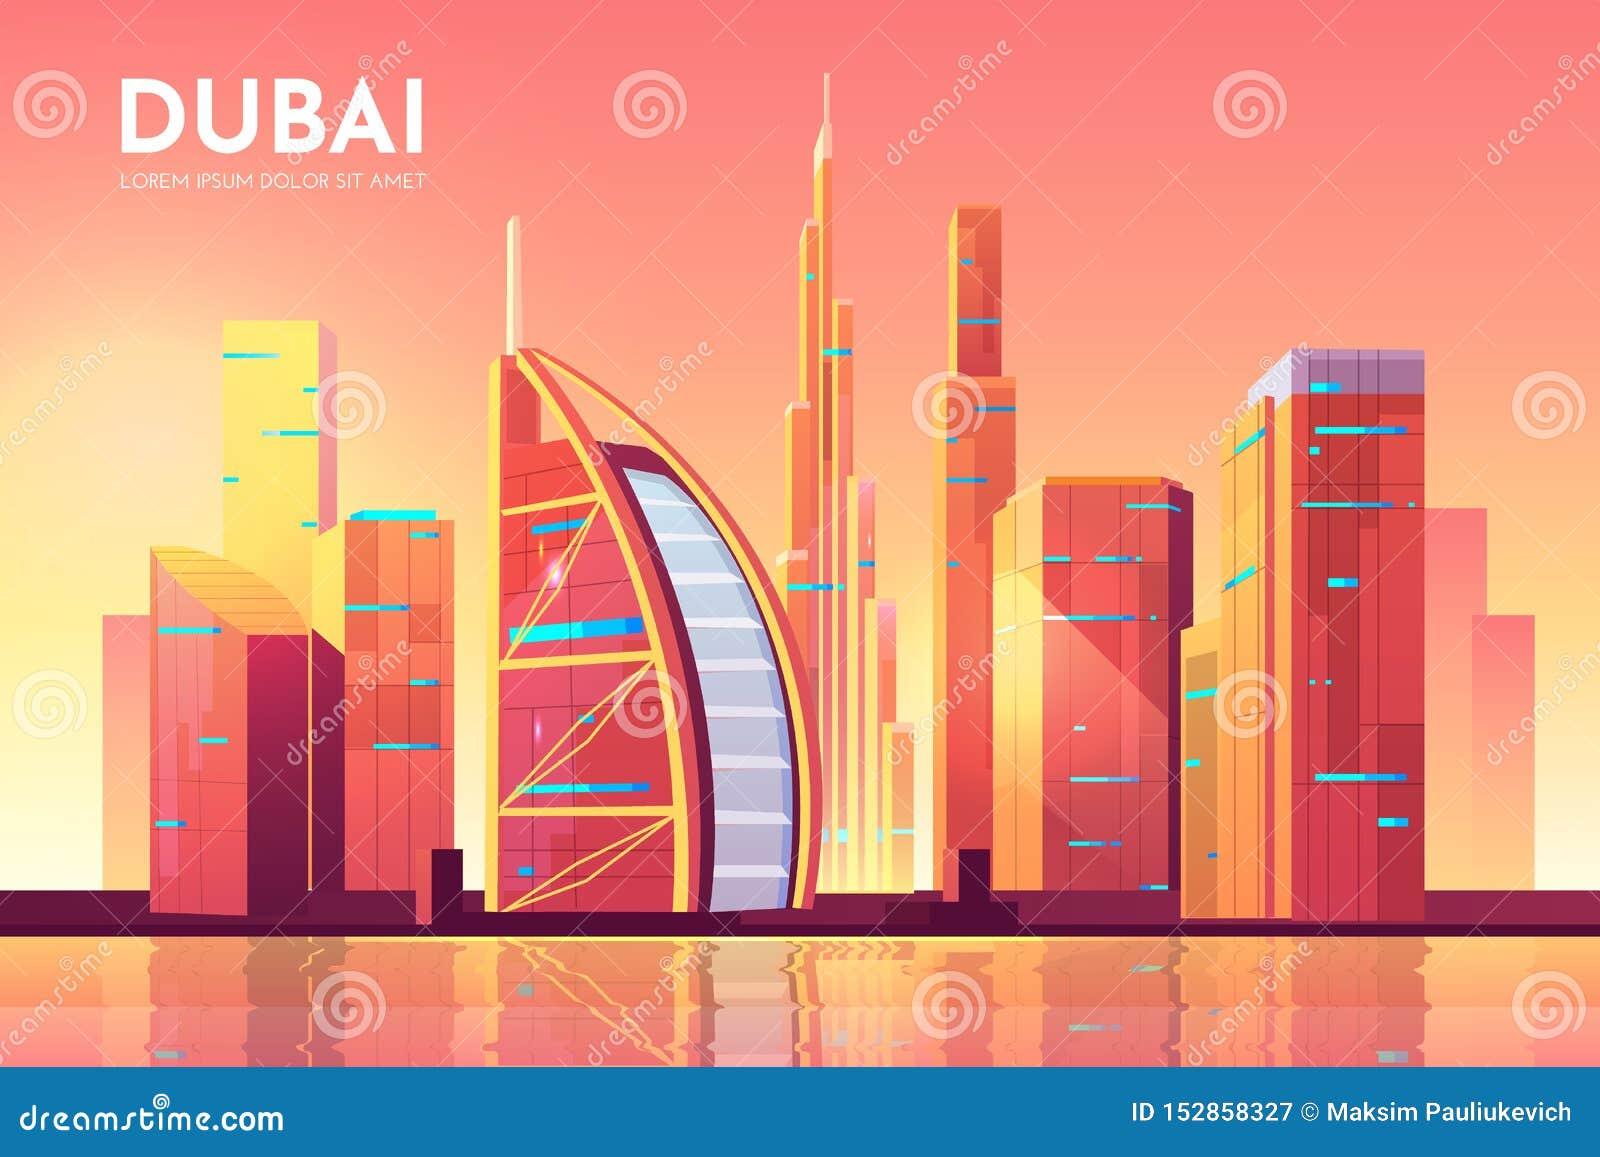 Dubaj, UAE pejzażu miejskiego architektury tło